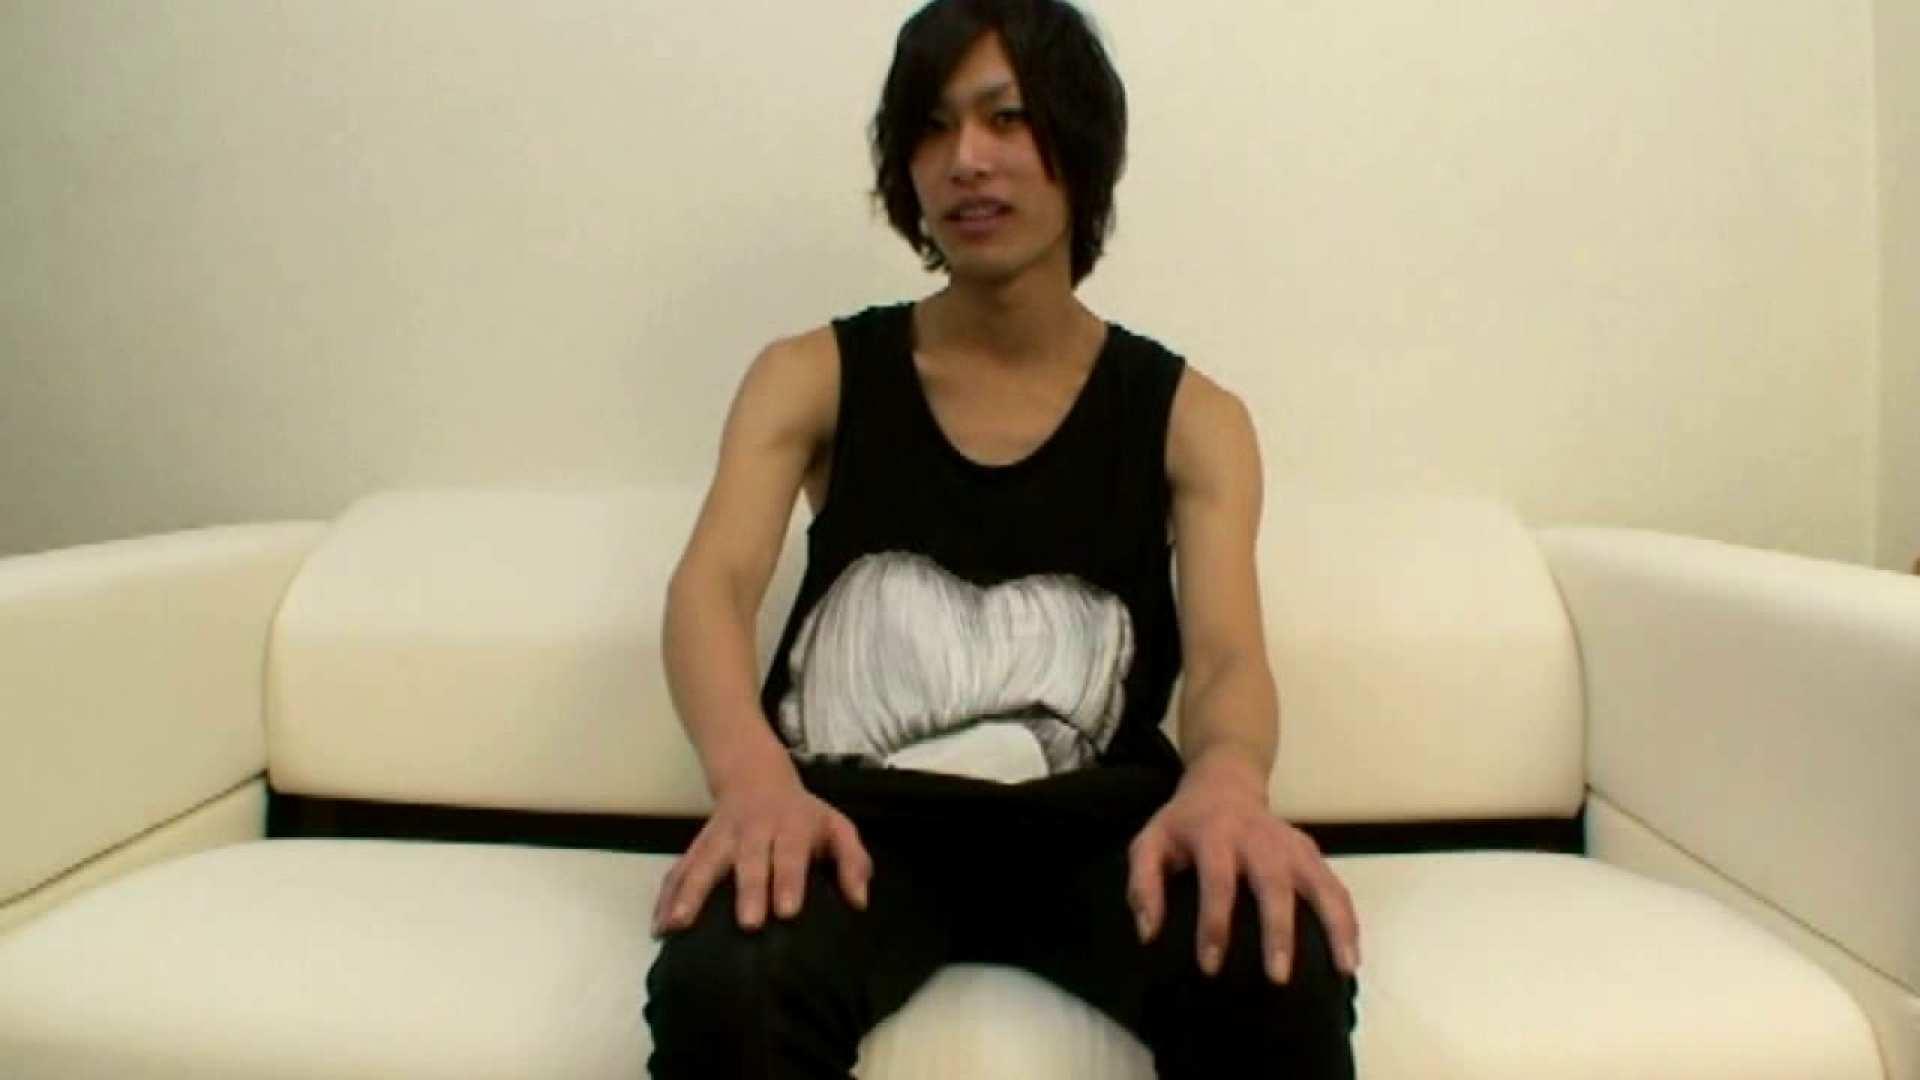 ノンケ!自慰スタジオ No.27 ハメ撮り放出 ゲイセックス画像 106pic 29